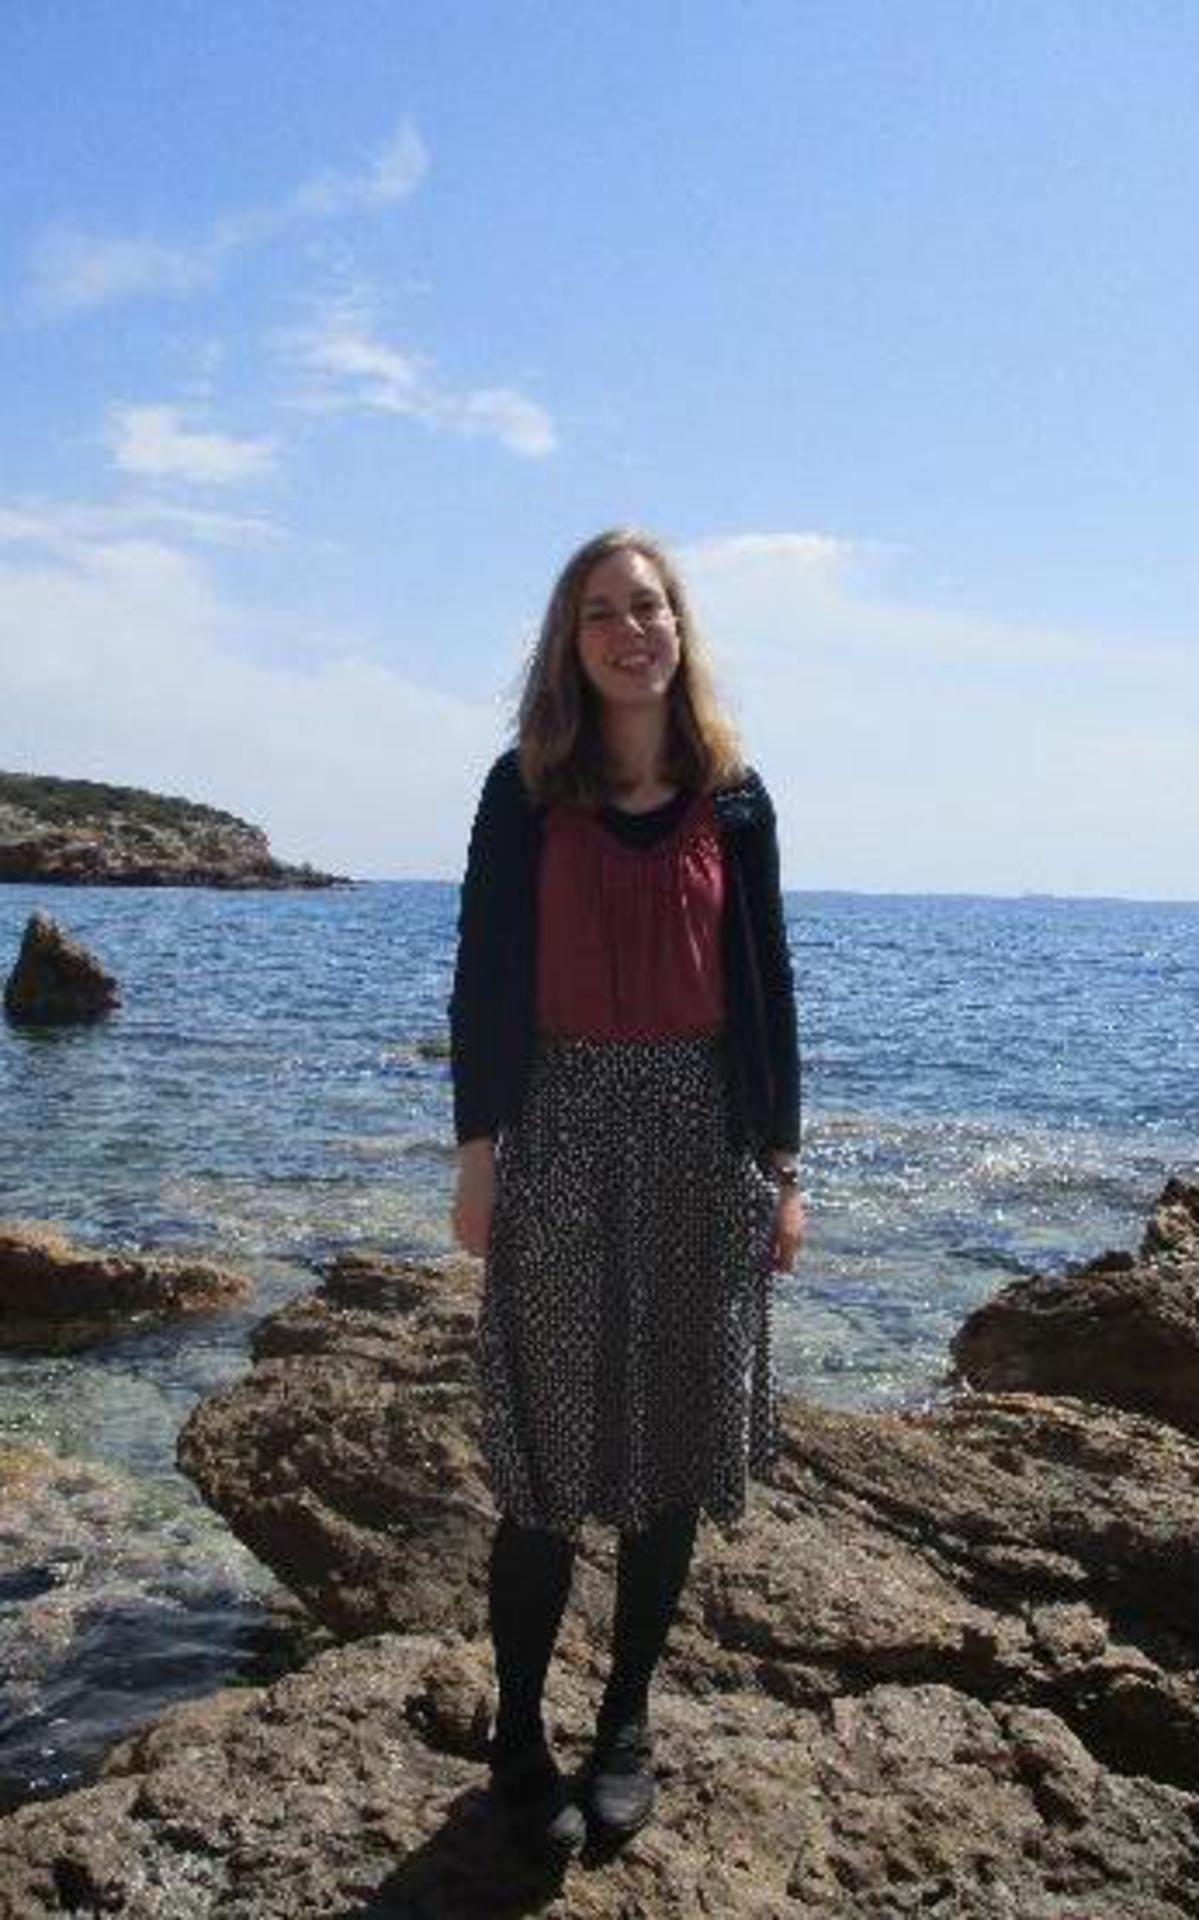 Sister Sara Lehmann diente in einem Land mit einer besonderen Geschichte und Landschaft, das Foto entstand etwas außerhalb von Athen.